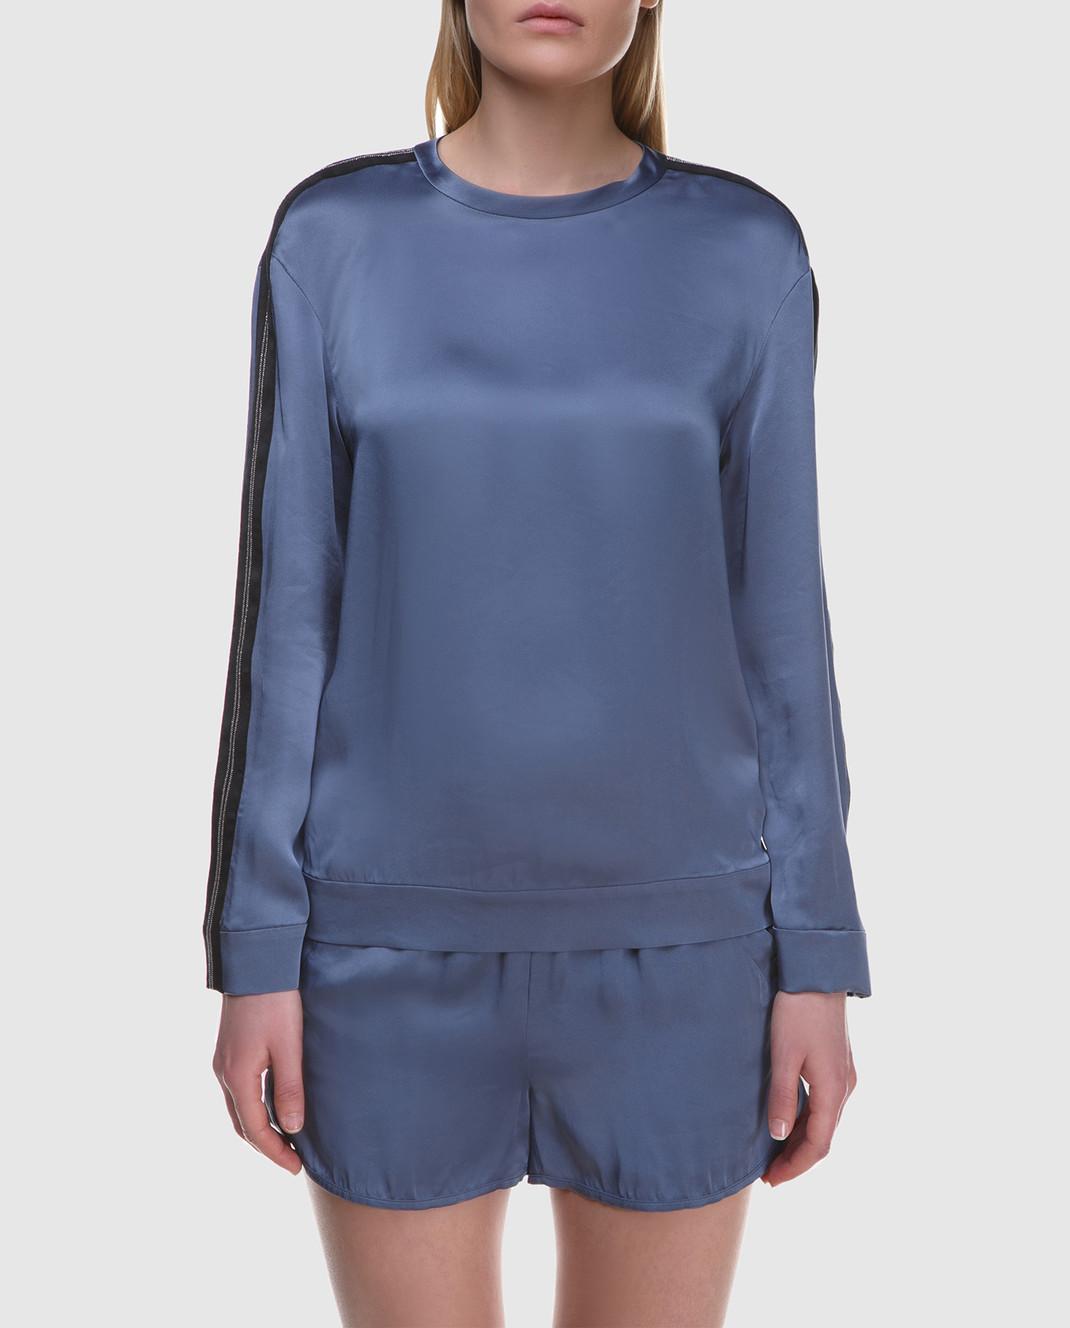 Brunello Cucinelli Синяя блуза M0H34S0720 изображение 3